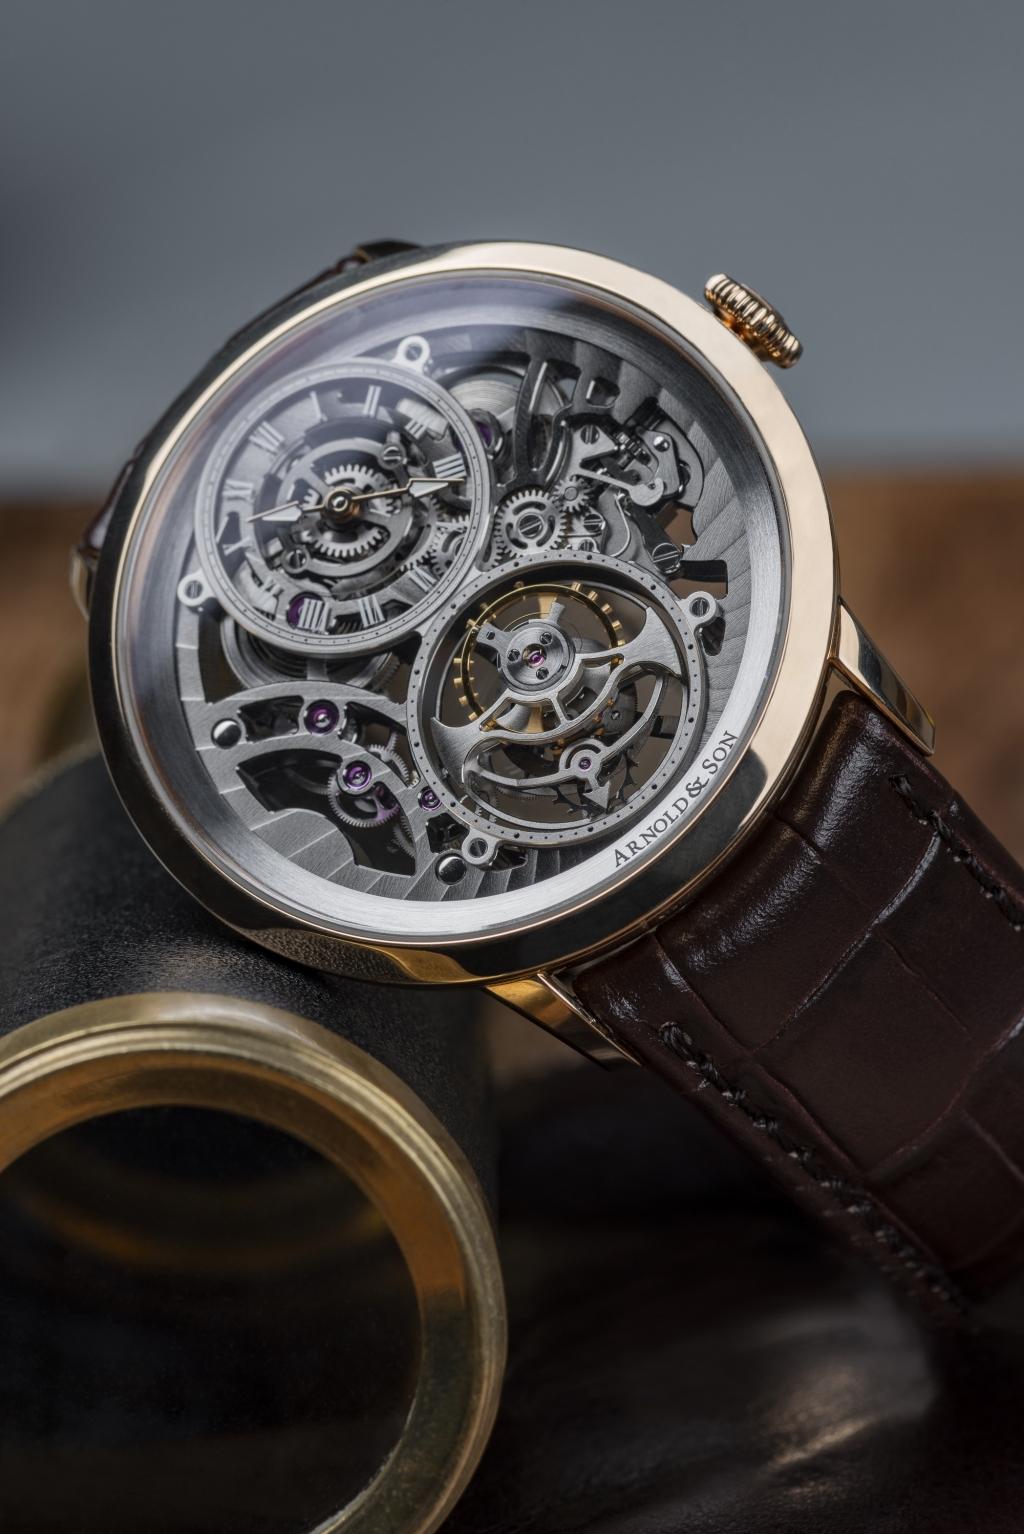 精巧設計成精美的3d機械雕刻畫面。置放在優雅的42 亳米錶殼內,連2 塊藍寶石晶體厚度僅為8.34 亳米。